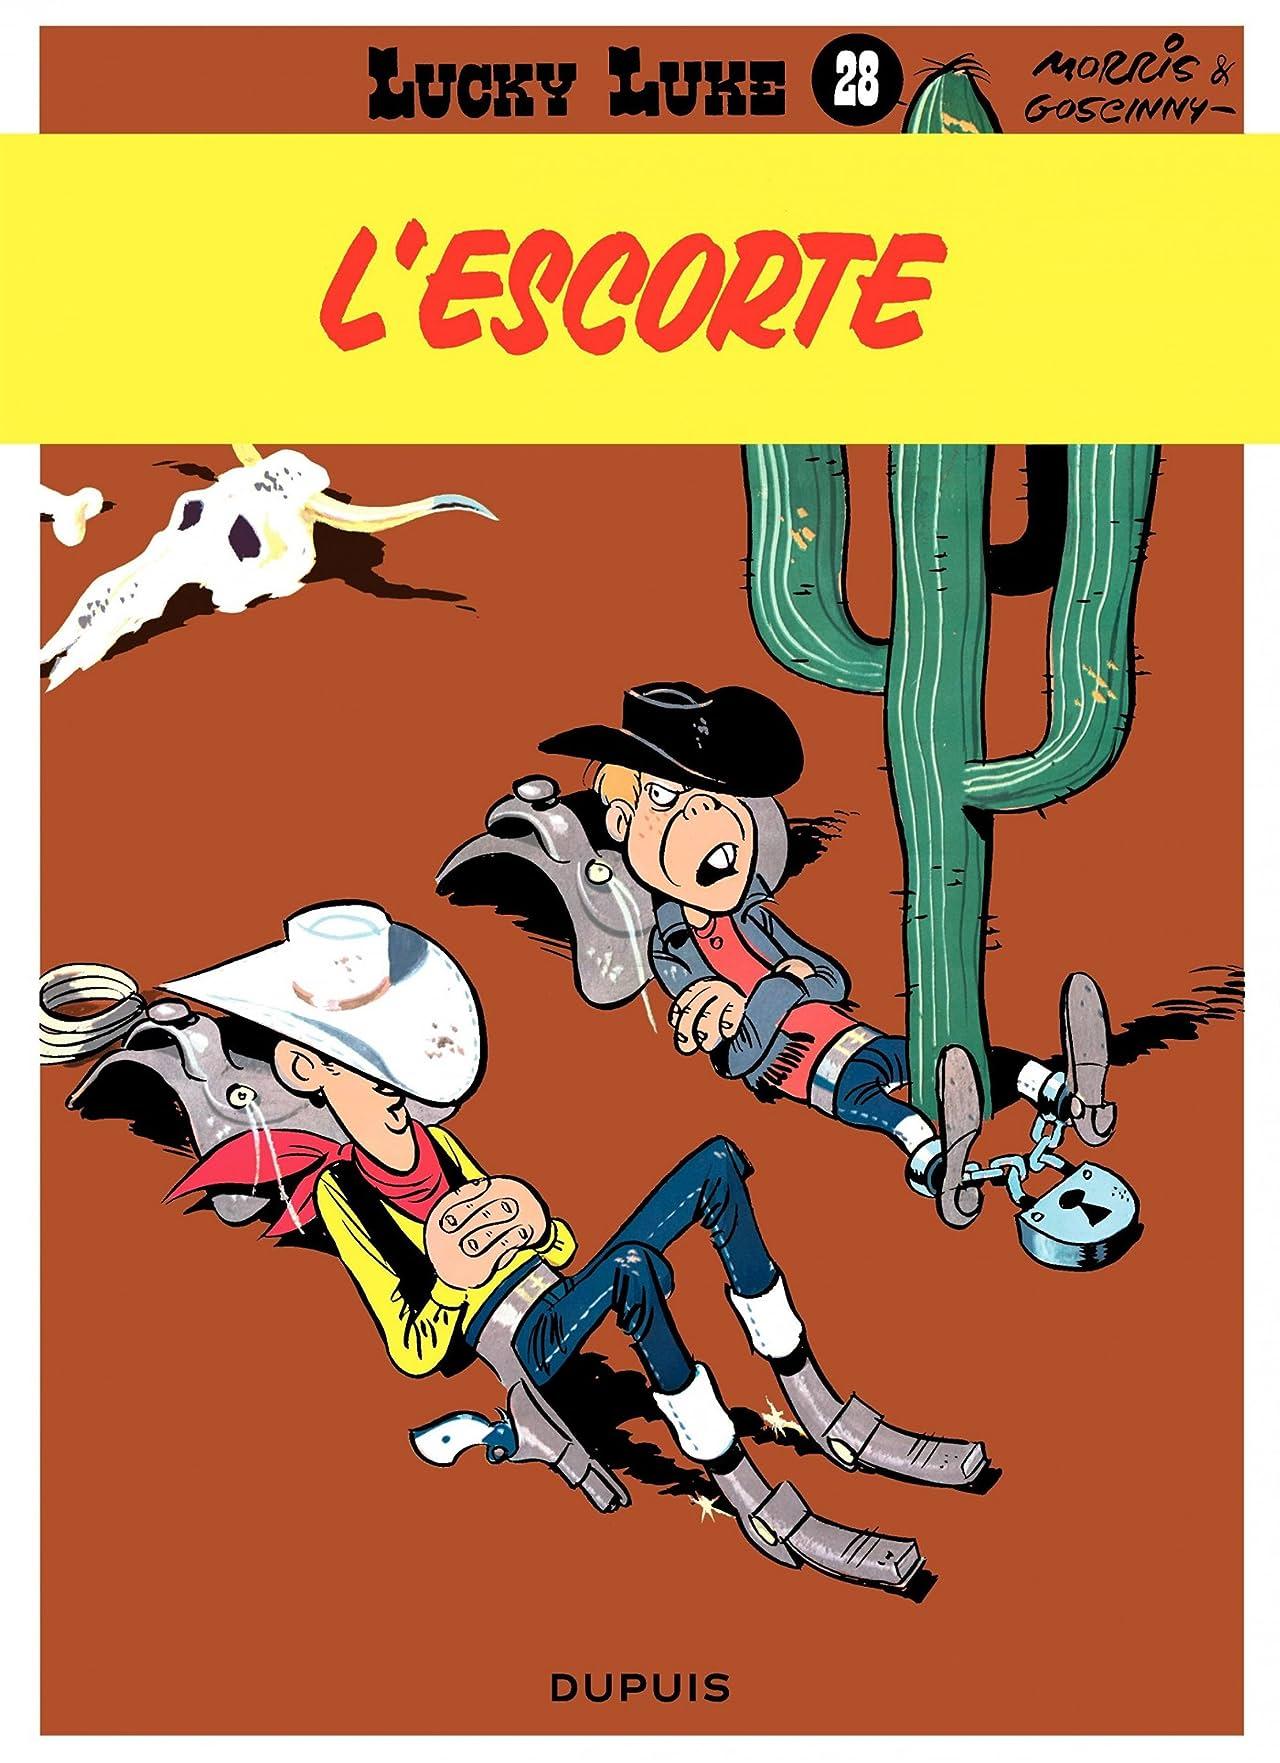 Lucky Luke Vol. 28: L'ESCORTE